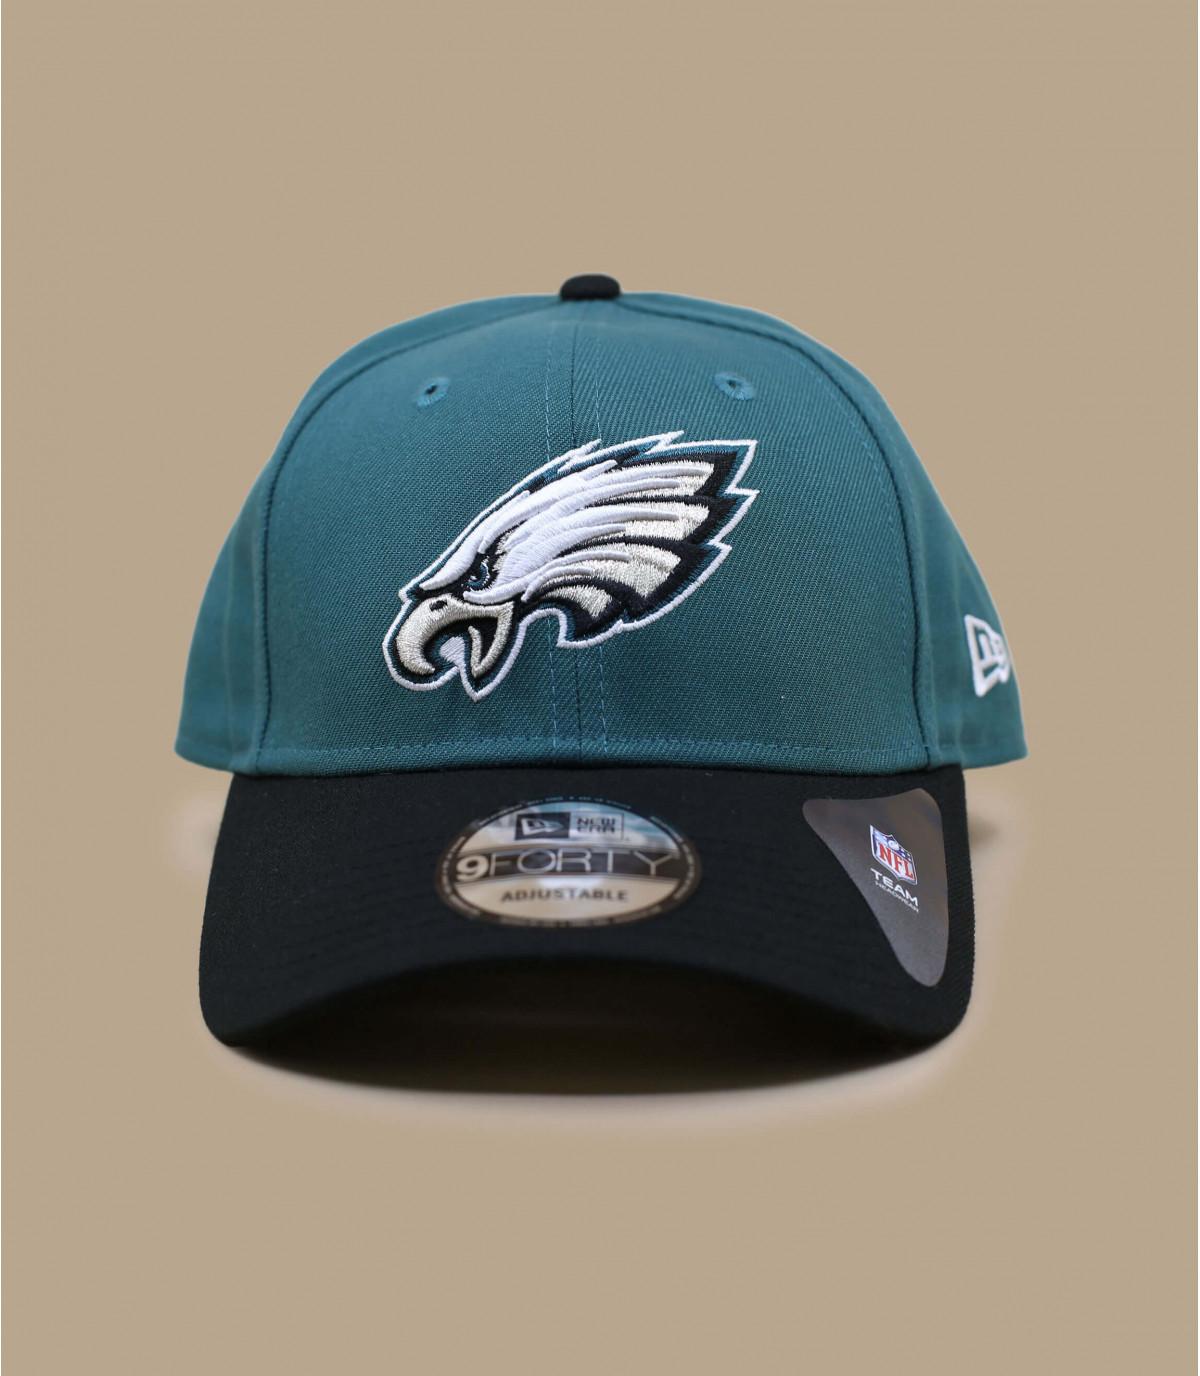 Eagles NFL cap